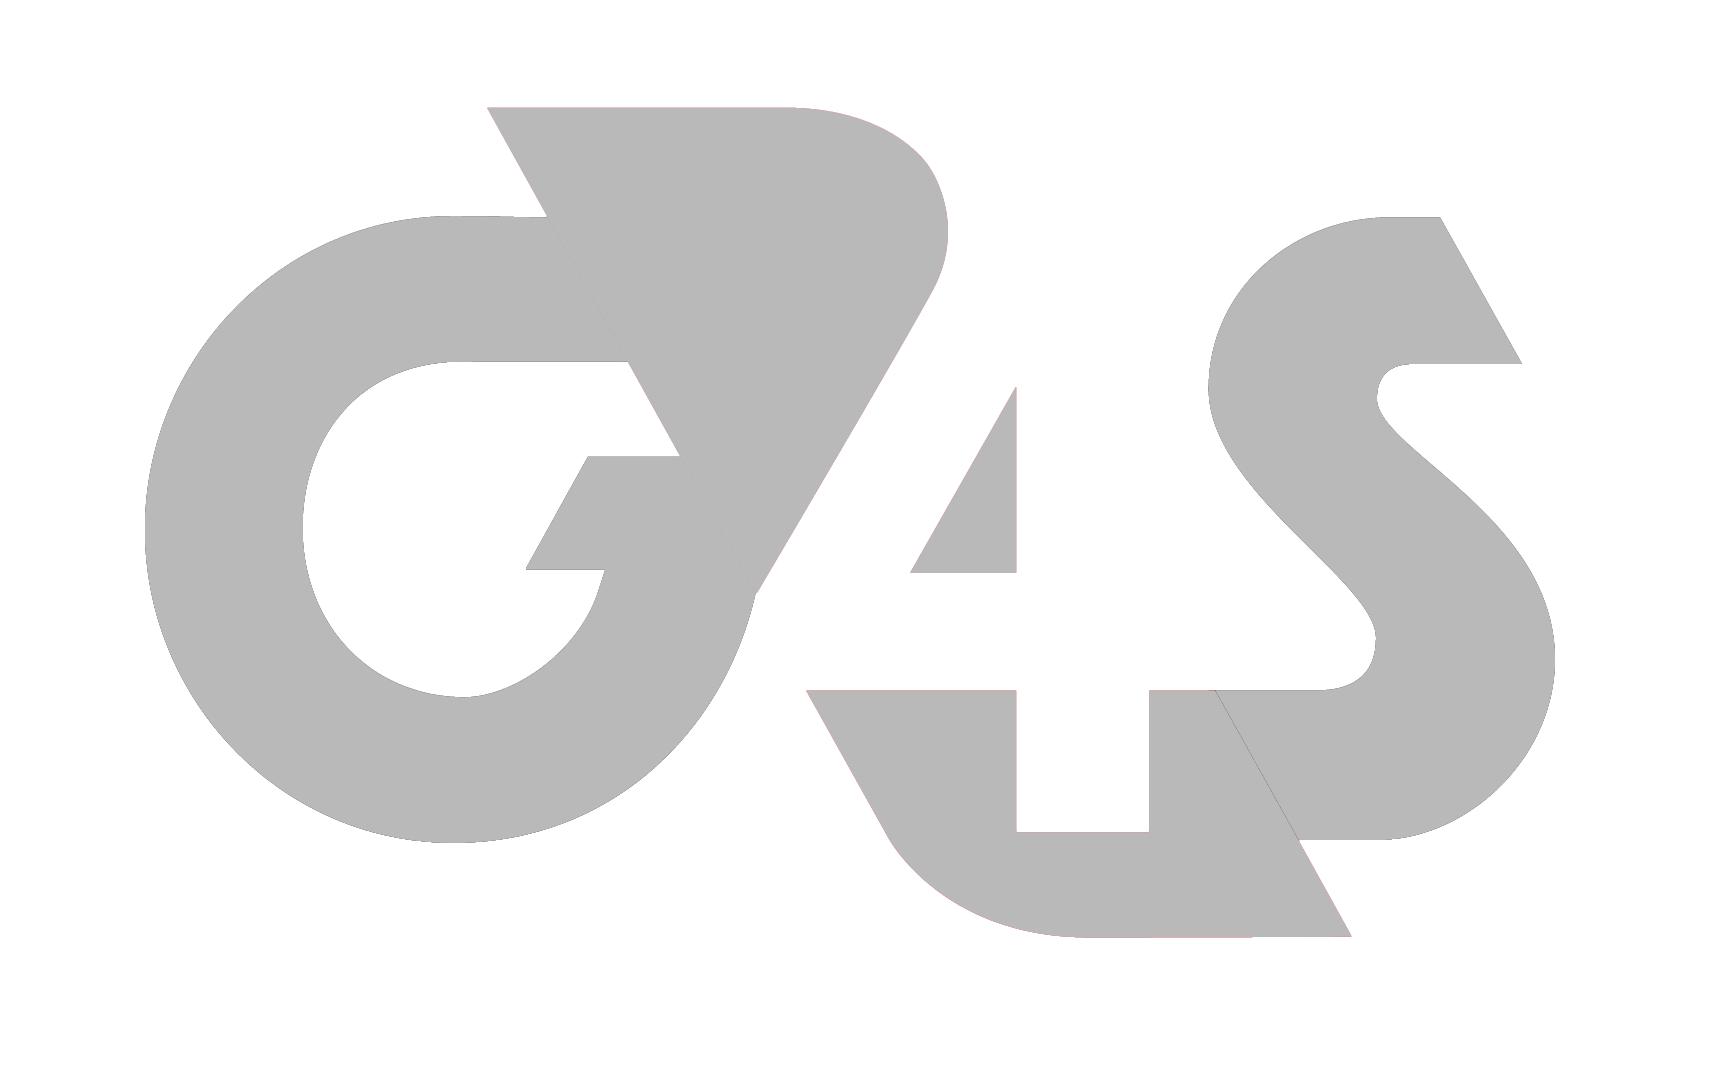 G4S verwendet die KeyBox-Schlüsselverwaltung